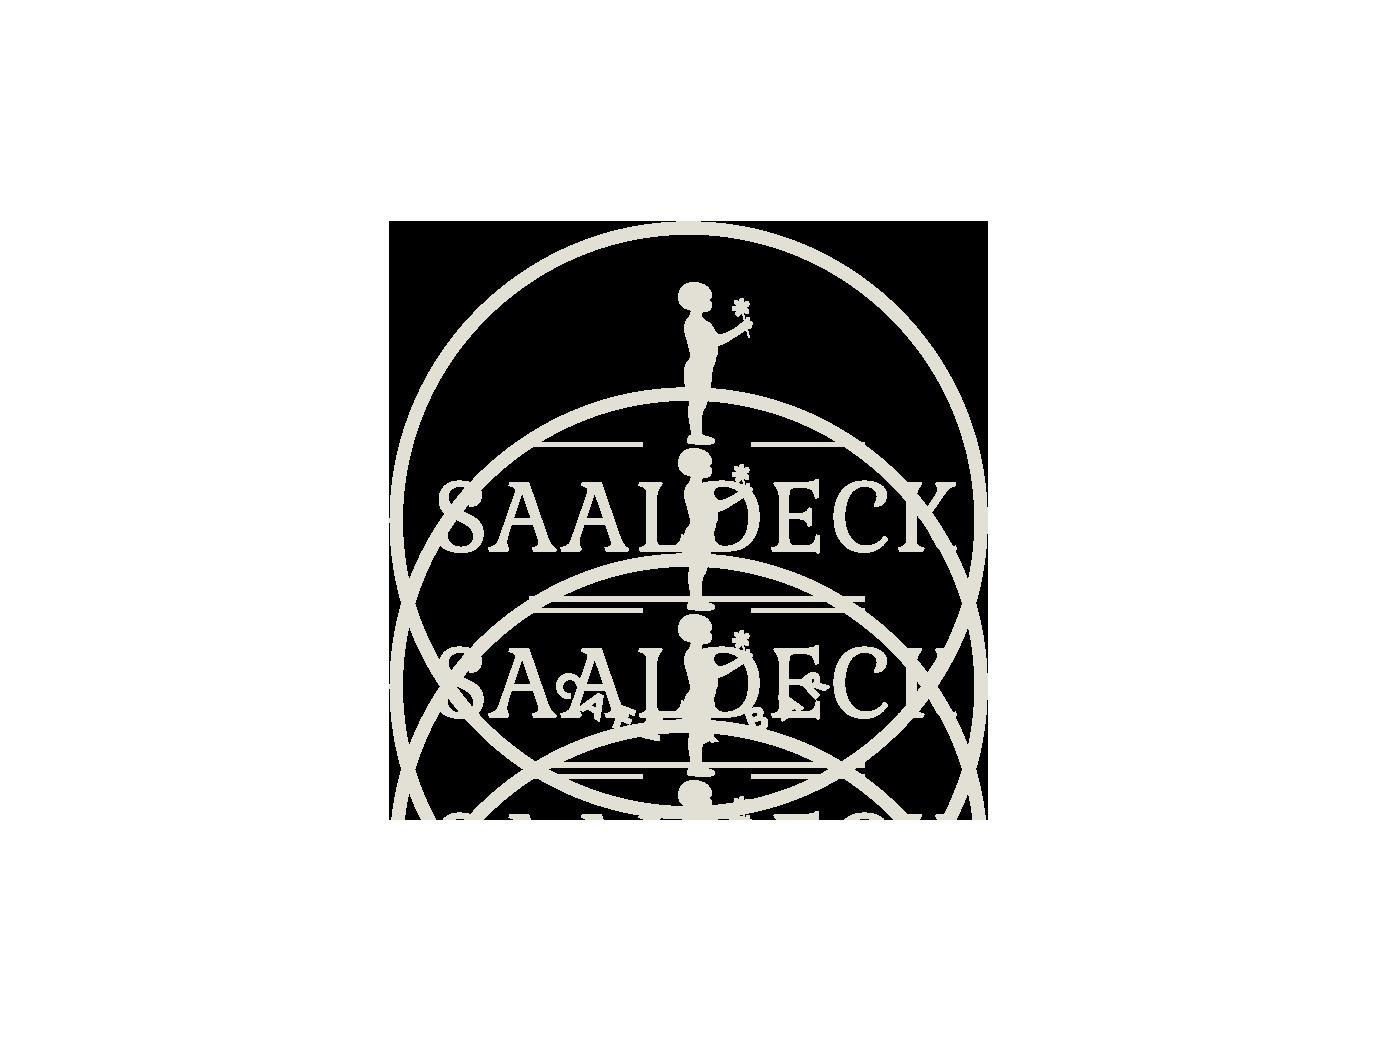 Saaldeck Café & Bar